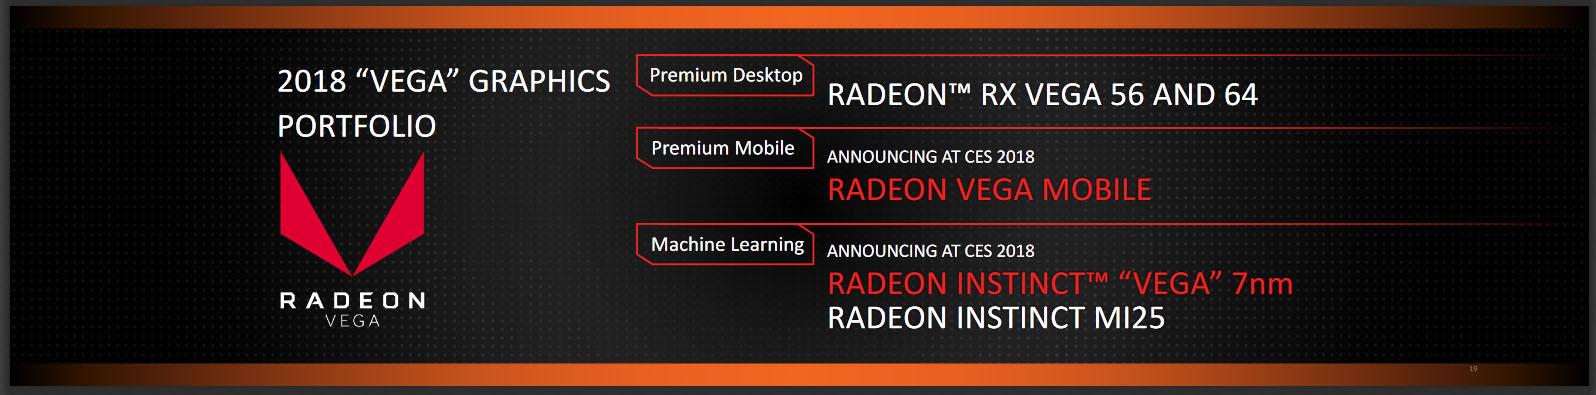 AMD's 2018 Roadmap For Zen+, Desktop & Mobile APUs, Vega On 7nm